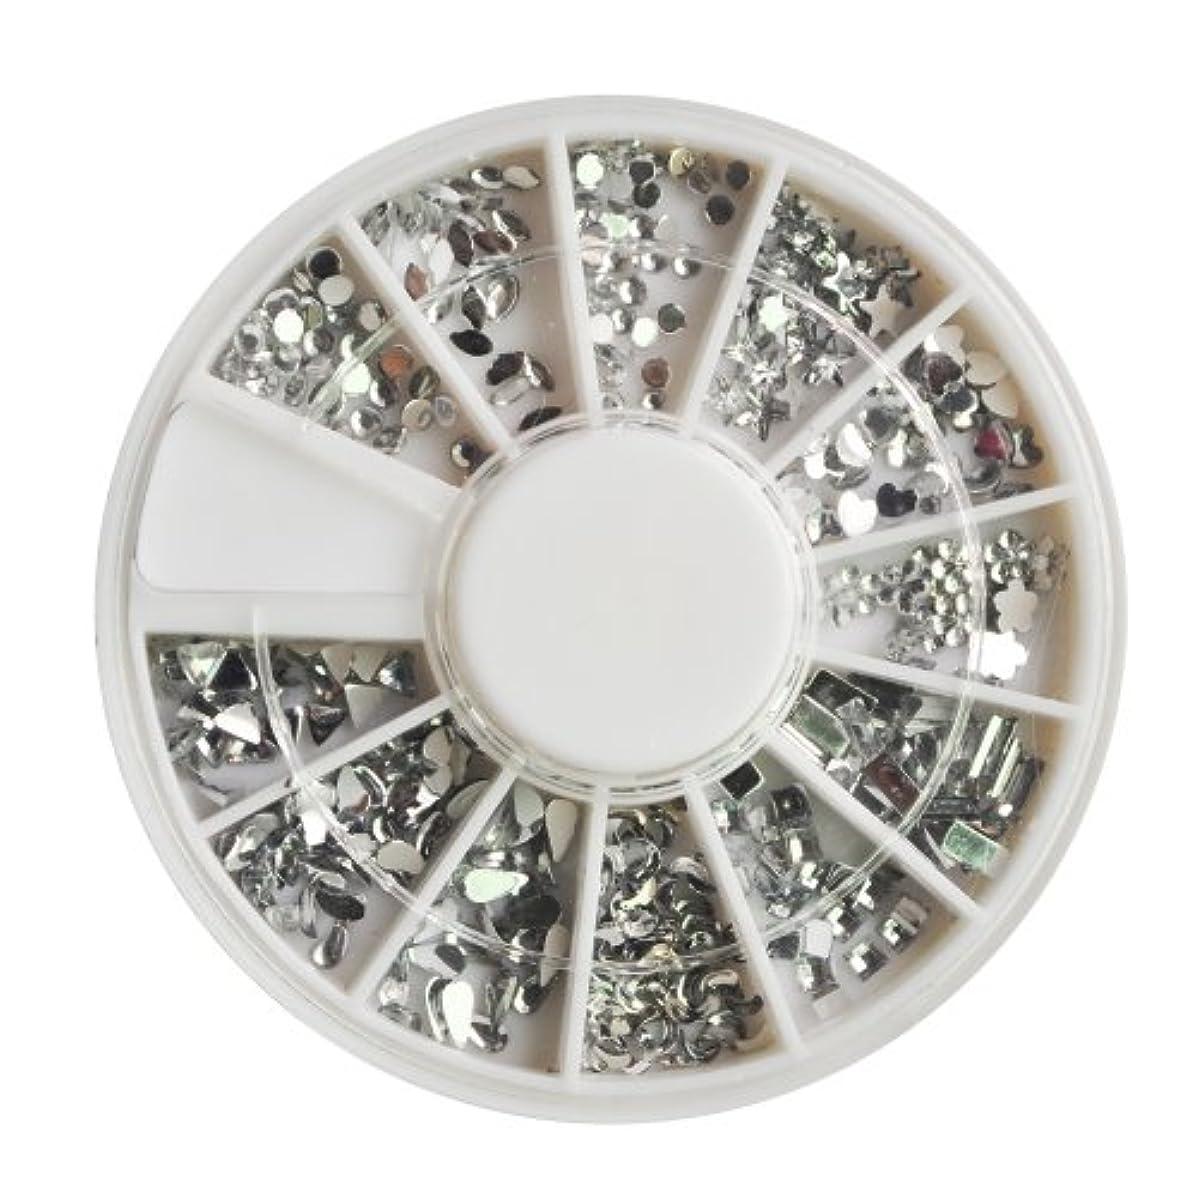 最小化する主要な研究Vaorwne 12個さまざまな形や大きさ、女性の爪、楽しさと美しさがあるのアクセサリー1200クリスタルプレミアム品質の宝石のネイルアートシルバームーンストーンパックトップコートや爪の接着剤で適用が容易